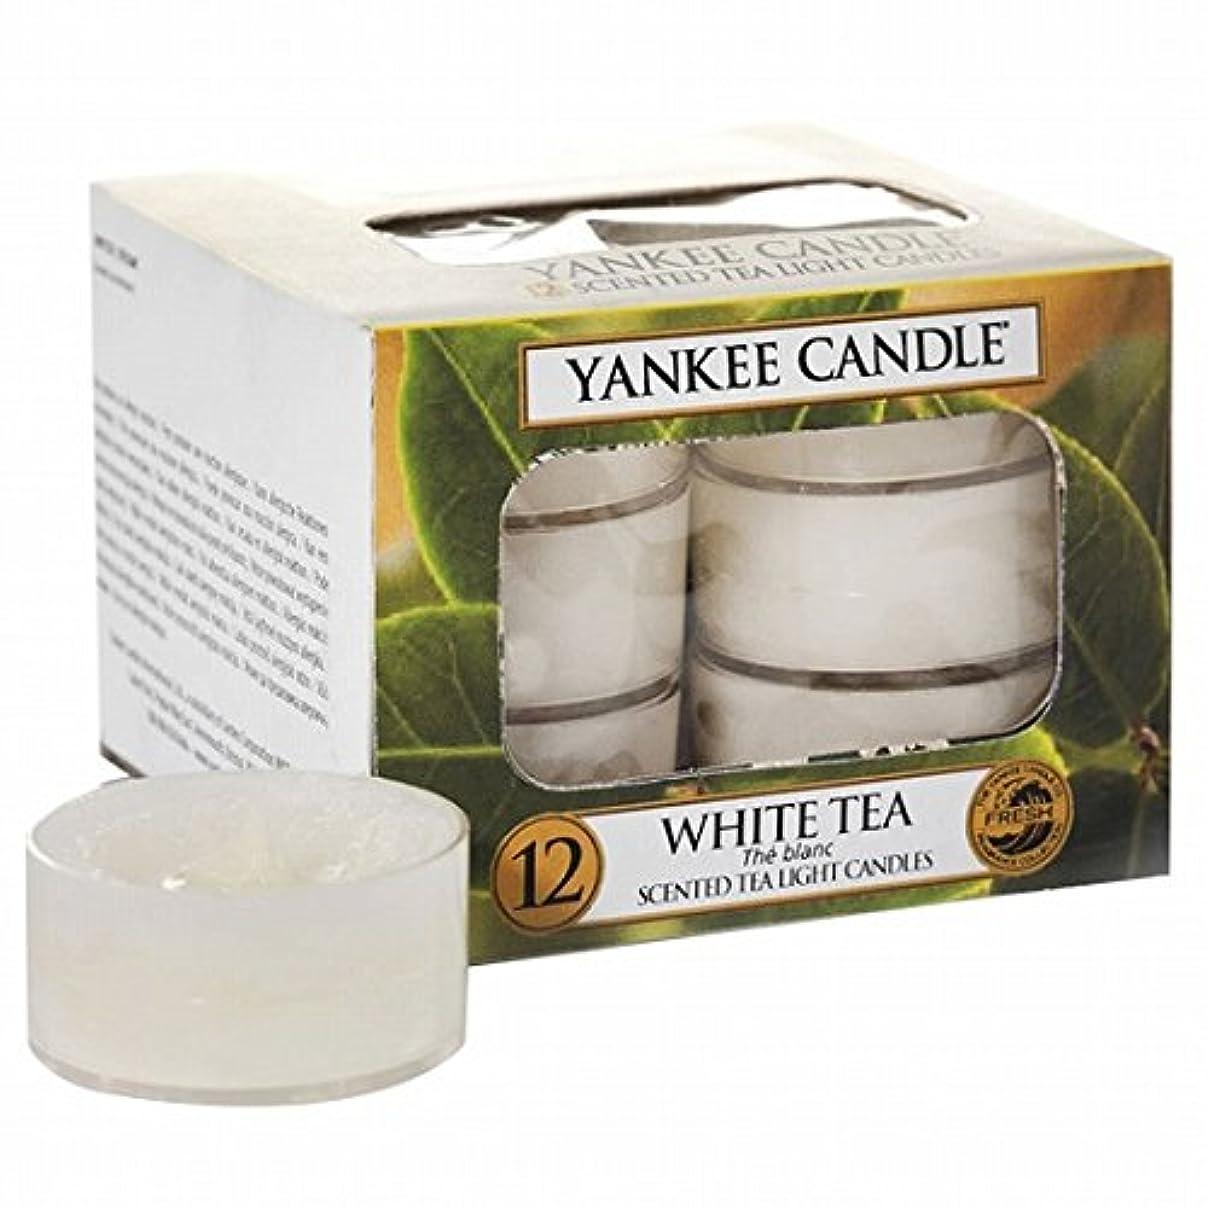 流星比類なきグリルヤンキーキャンドル(YANKEE CANDLE) YANKEE CANDLE クリアカップティーライト12個入り 「ホワイトティー」